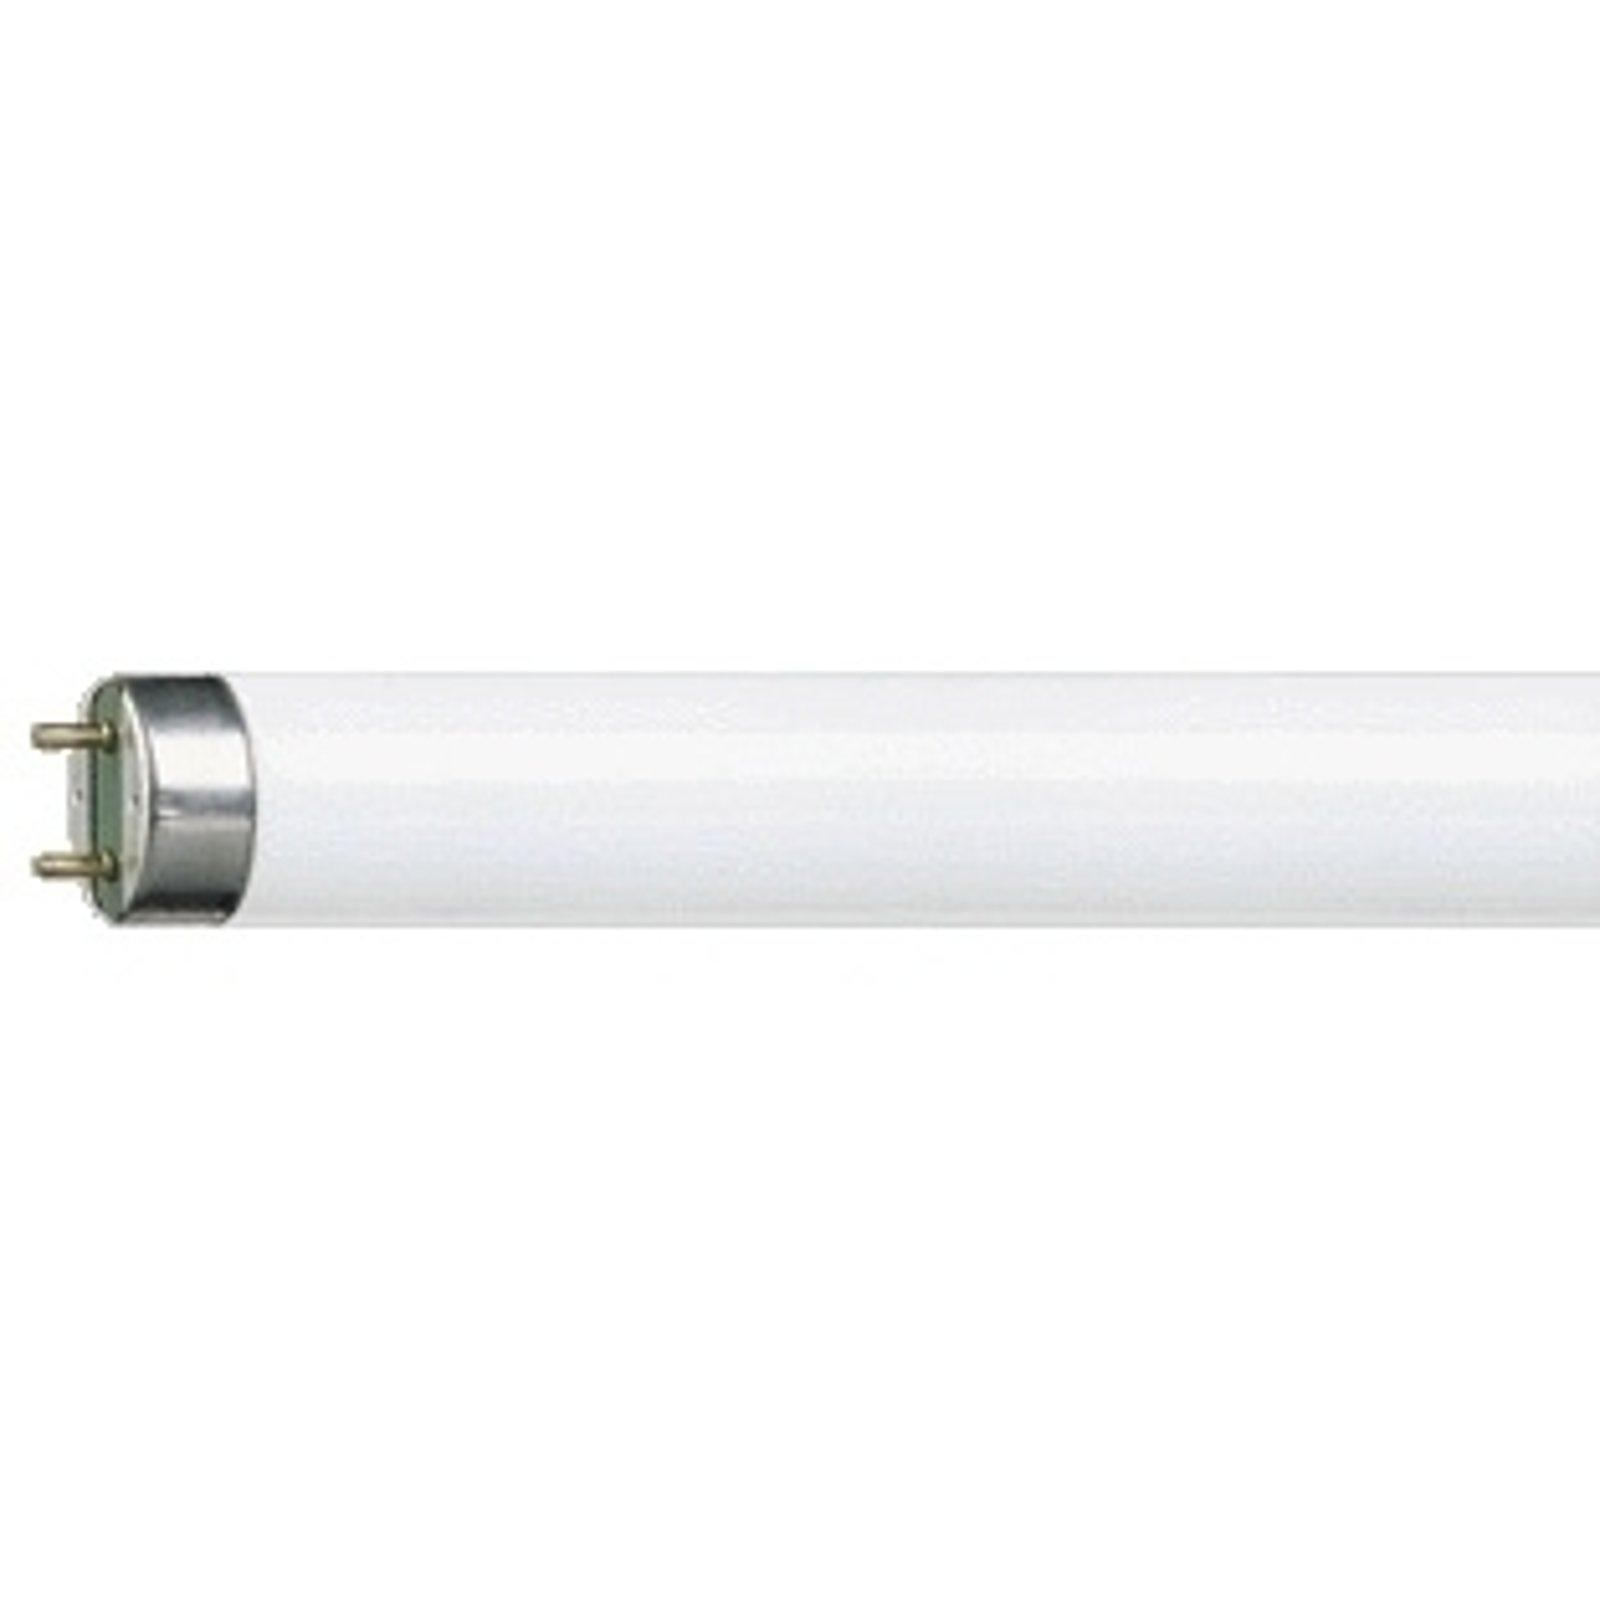 G13 T8-lyspære MASTER TL-D Super 23W/830